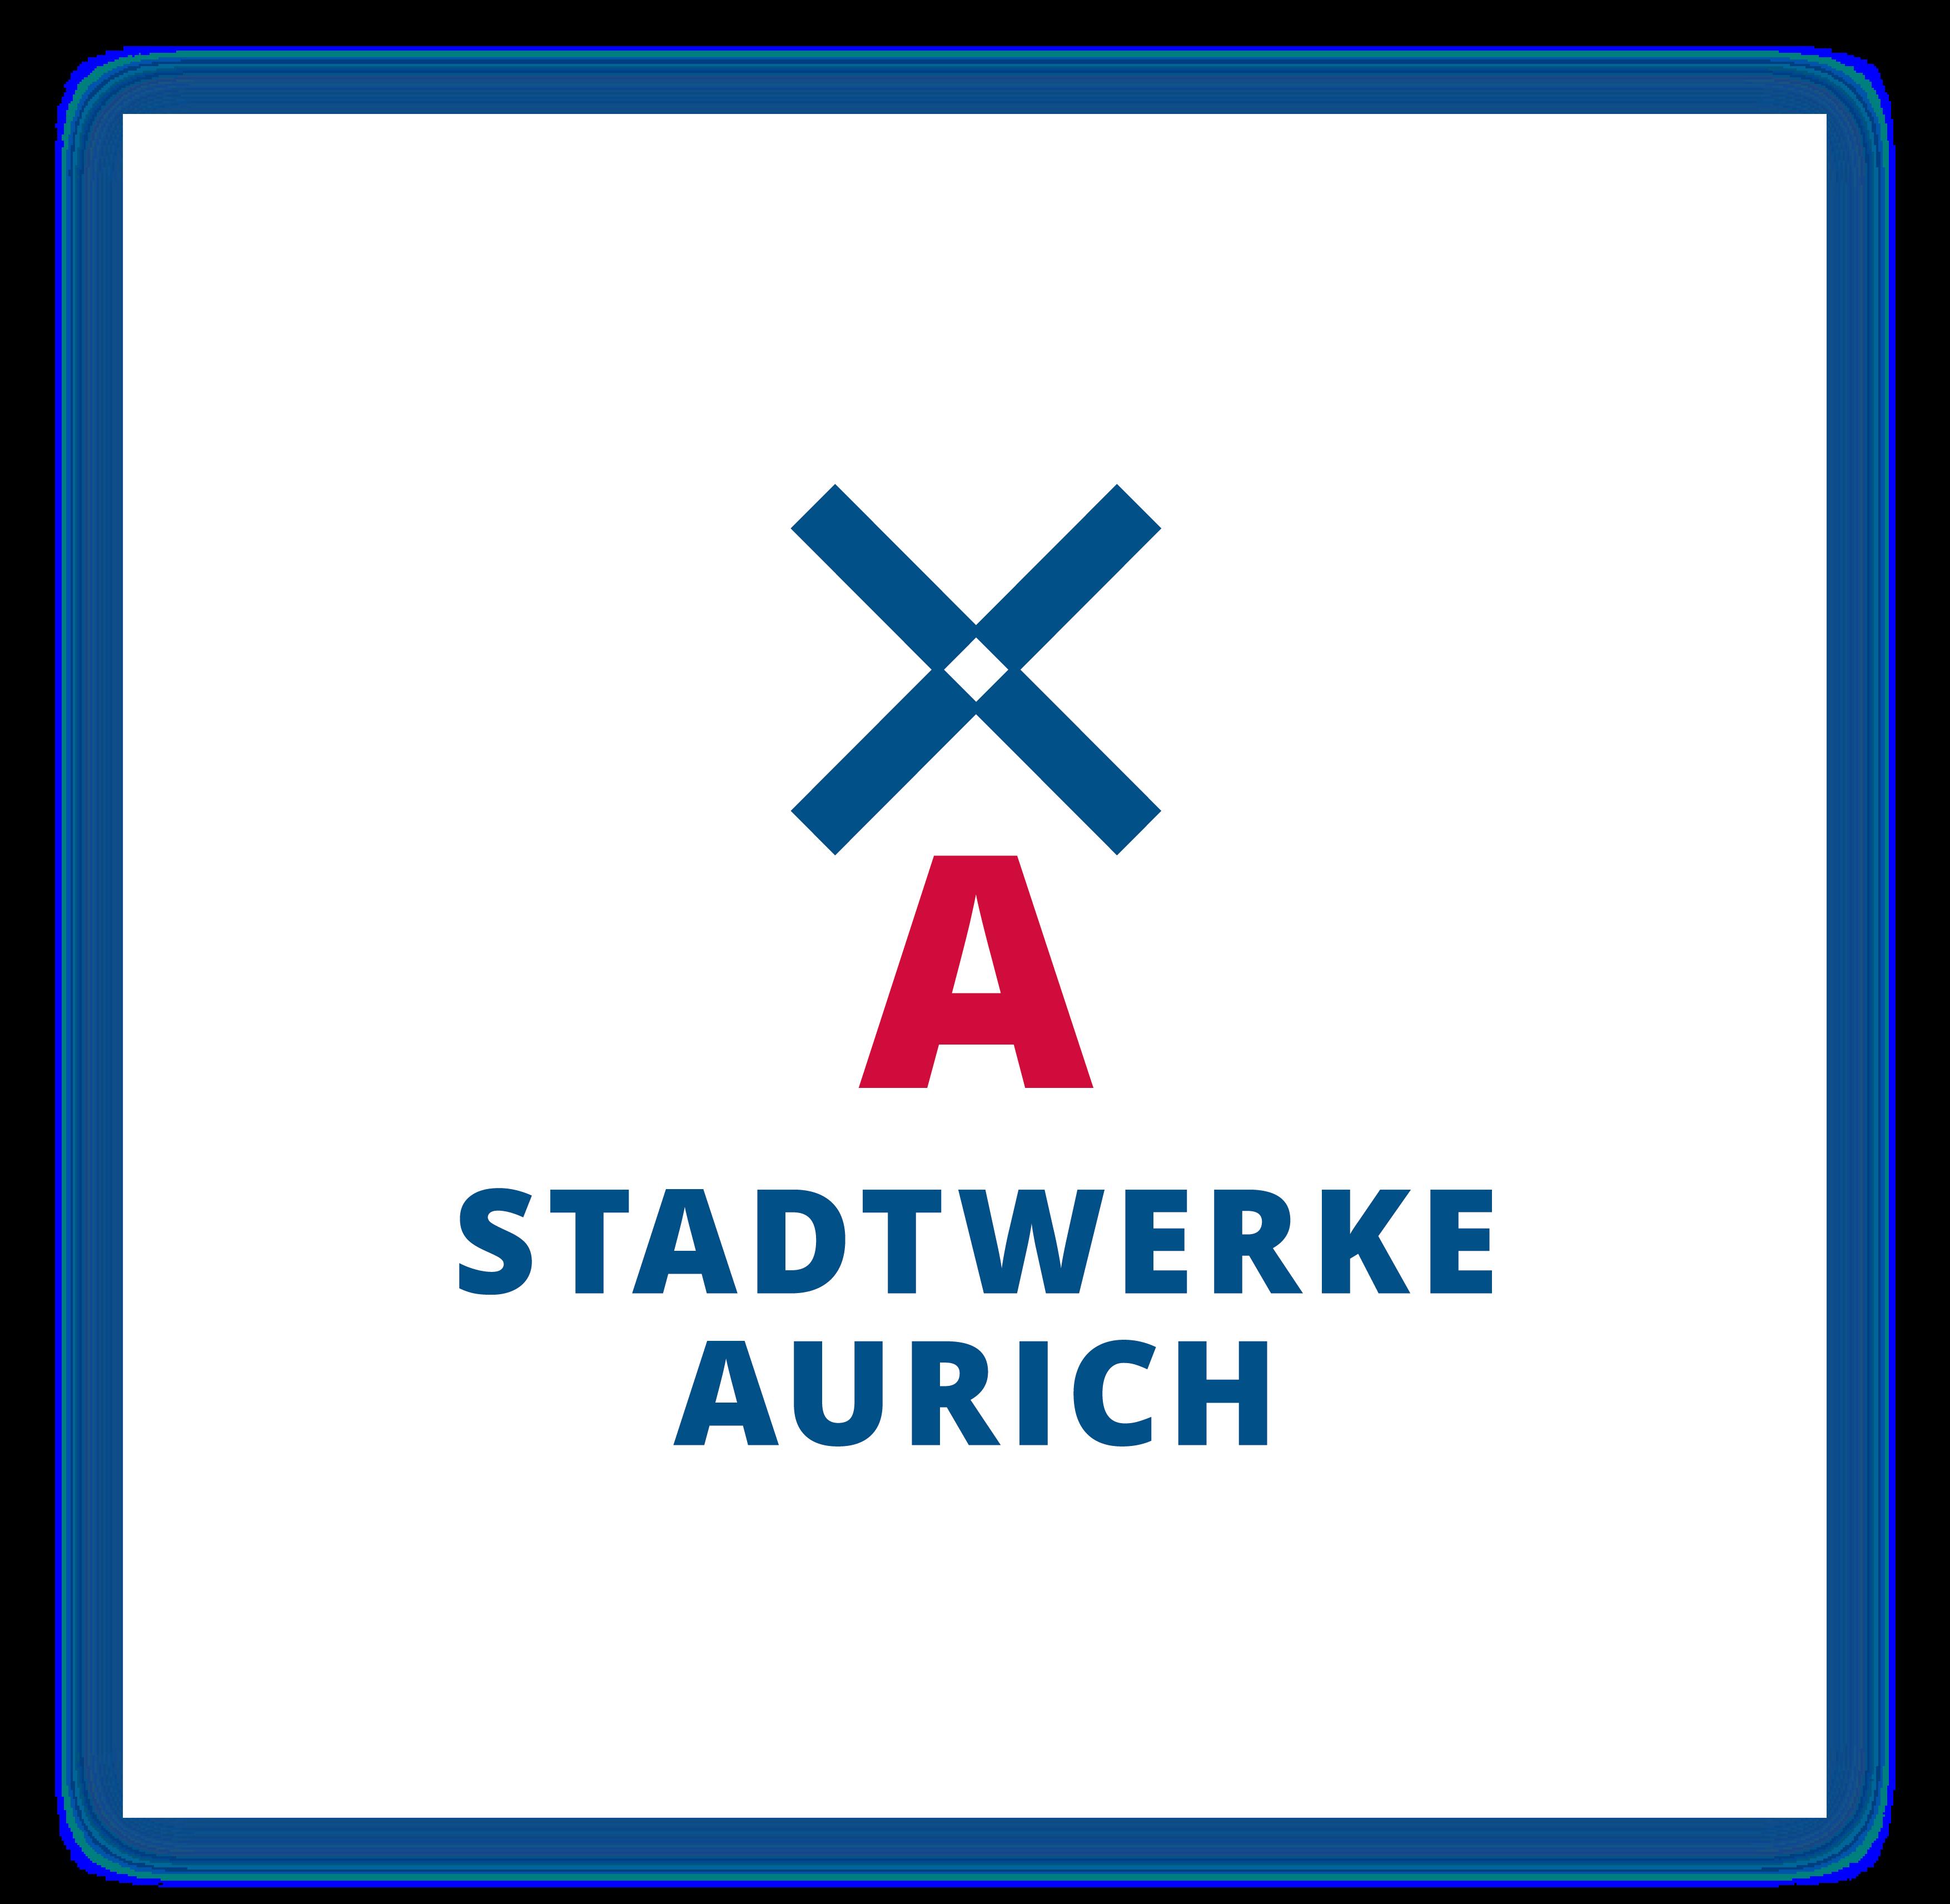 Stadtwerke Aurich GmbH